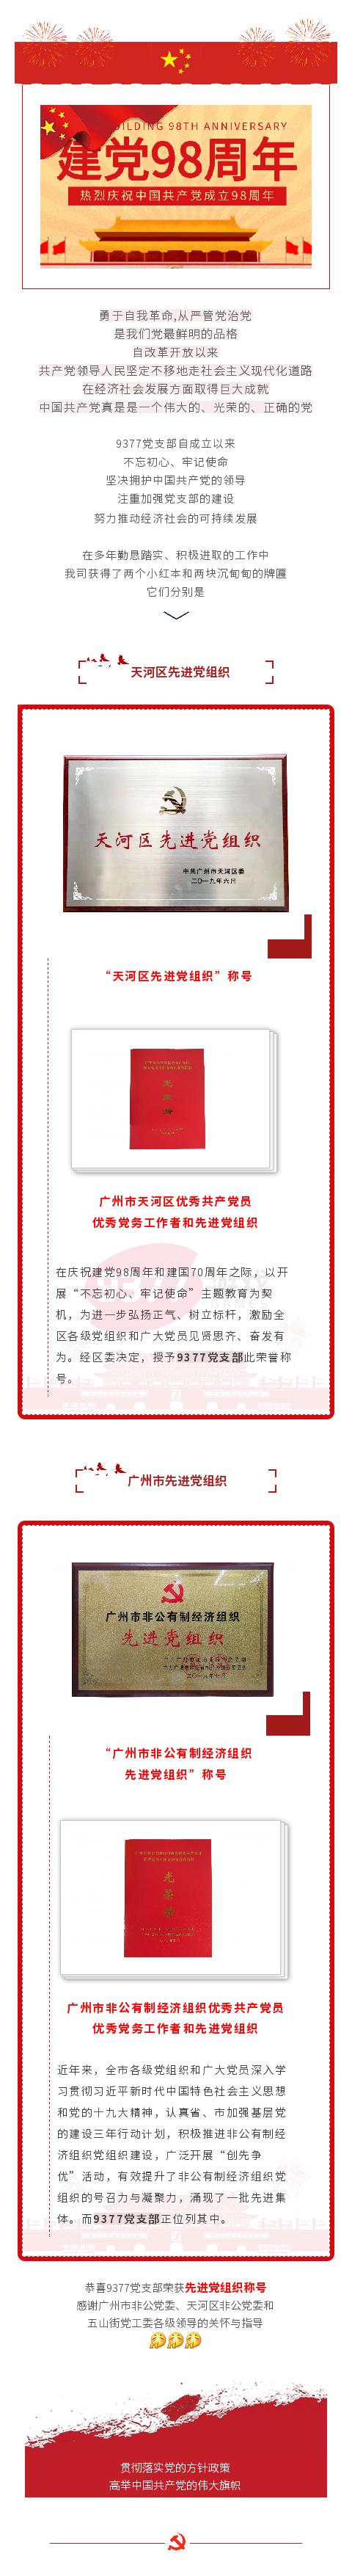 党组织的光芒照耀着9377副本.png